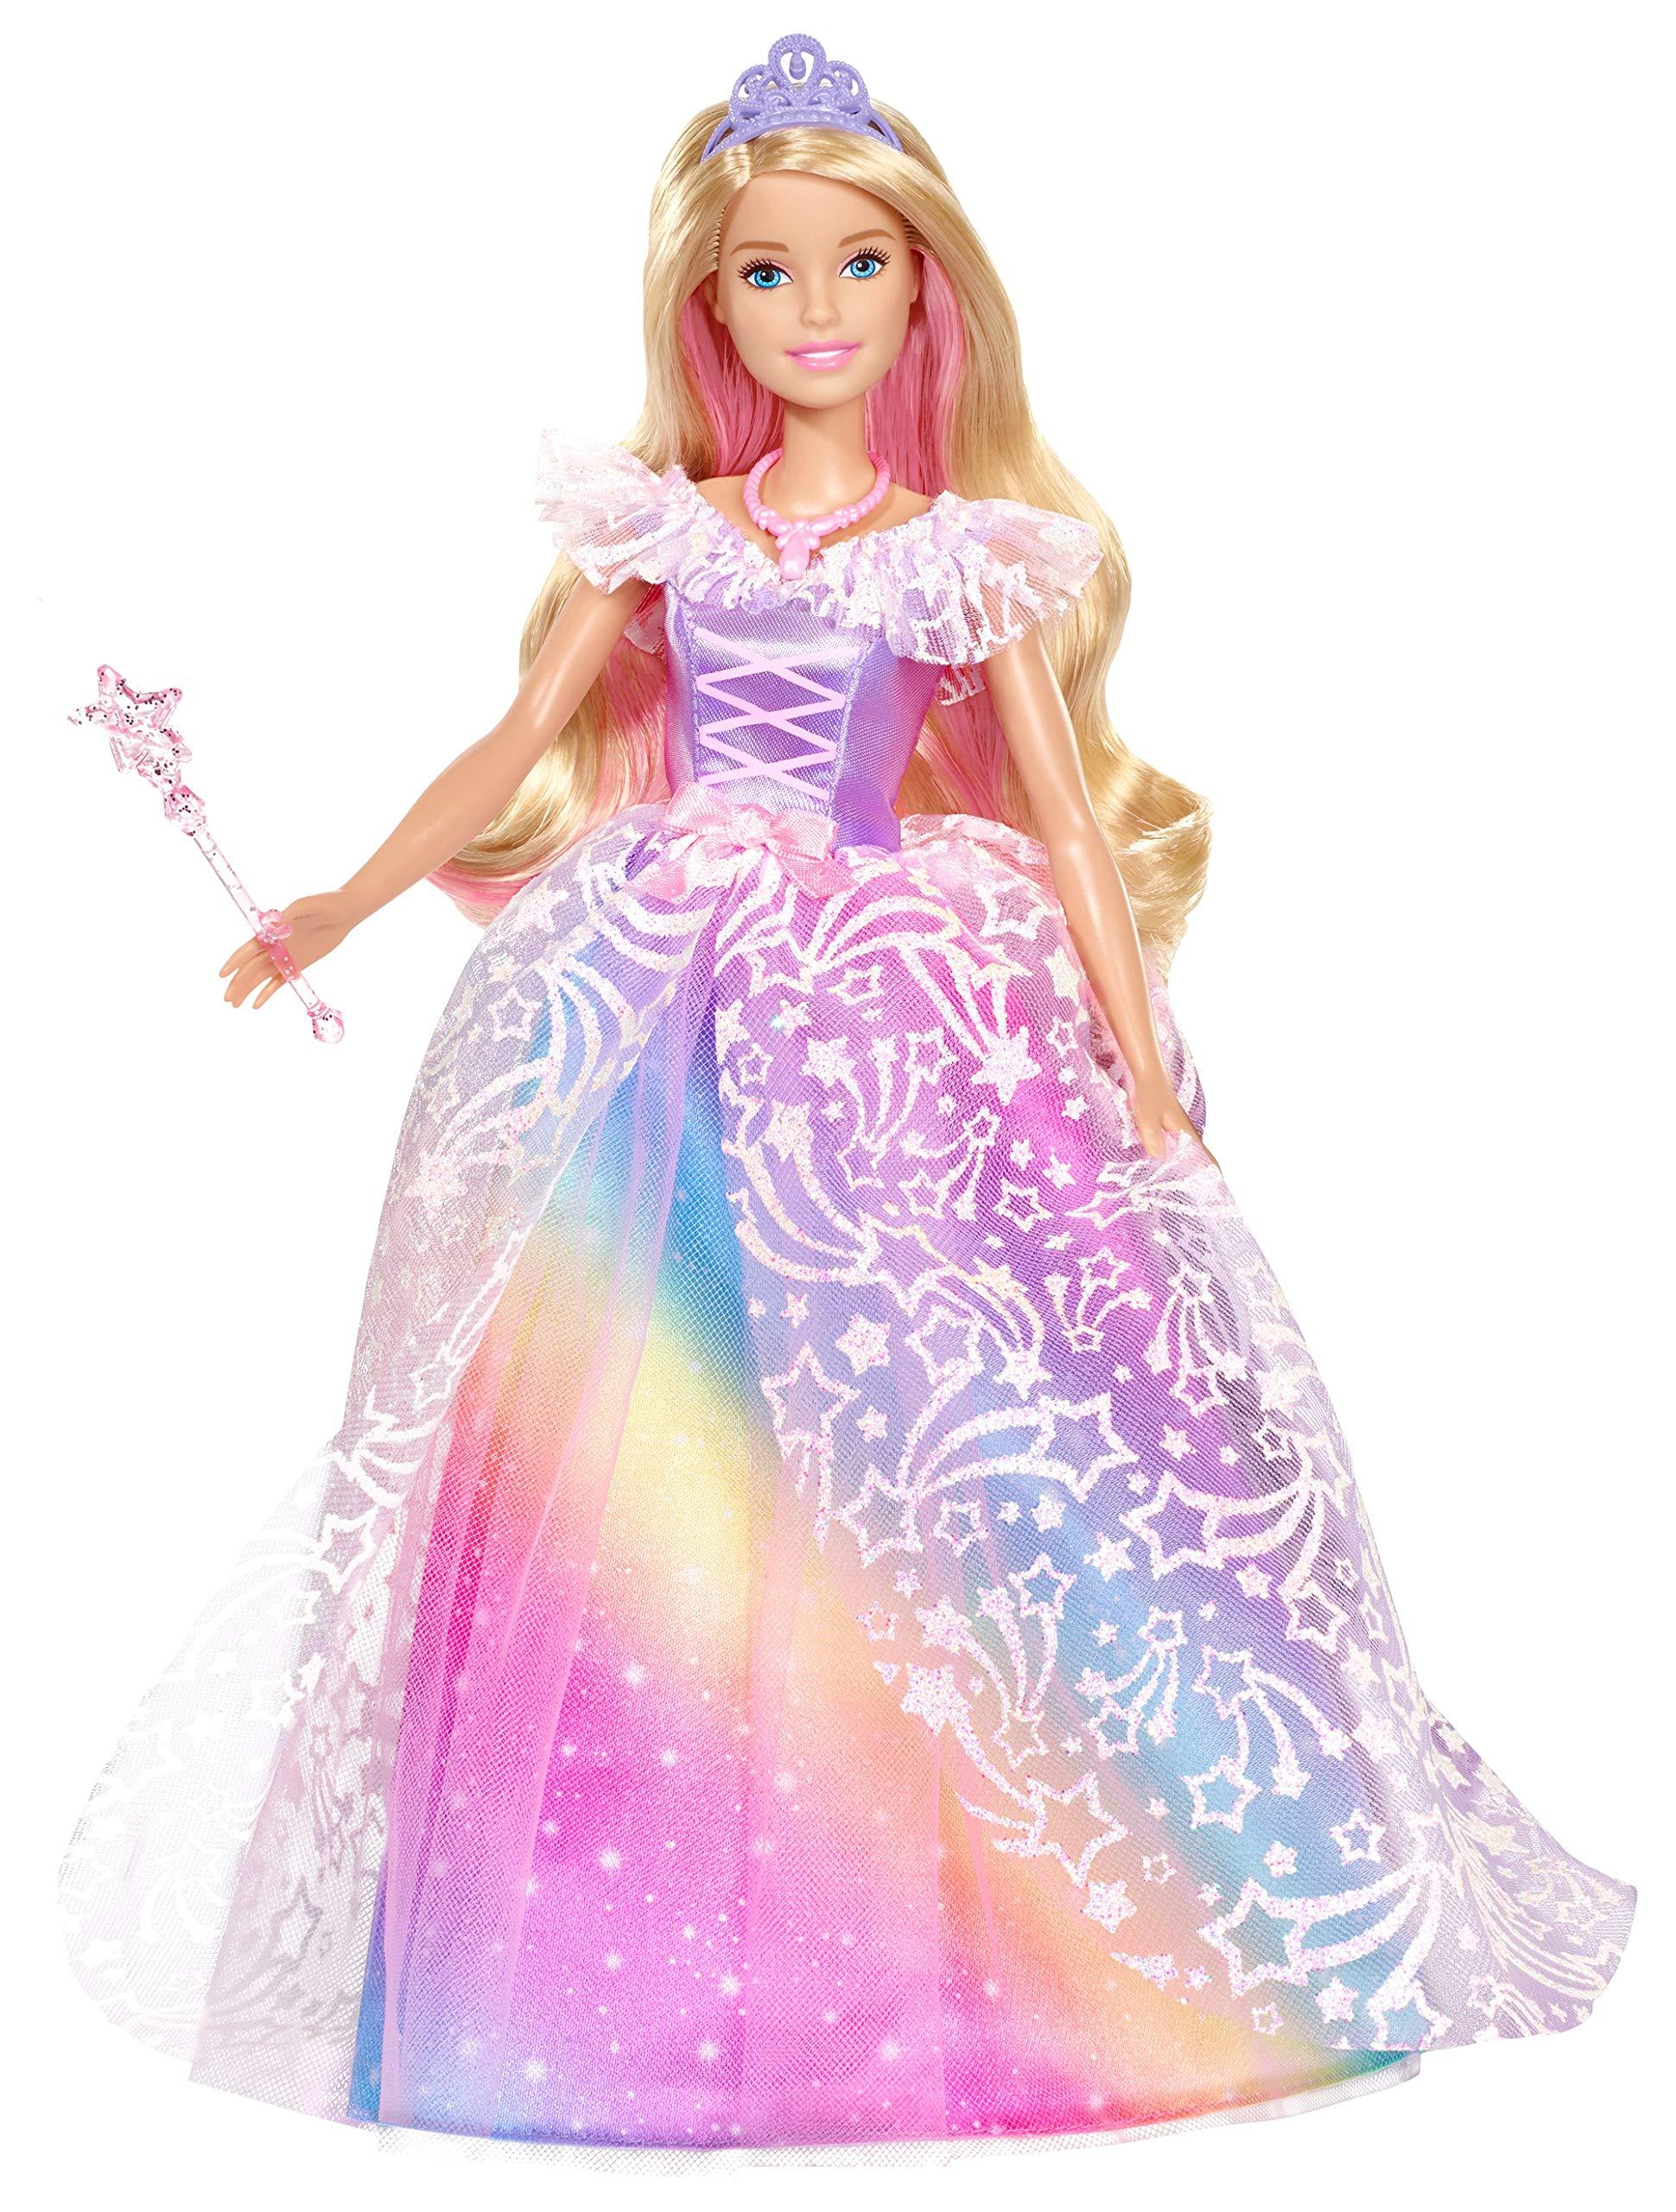 Barbie Dreamtopia Principessa Gran Galà Bambola con Accessori, Giocattolo per Bambini 3+ Anni, GFR45 1 spesavip